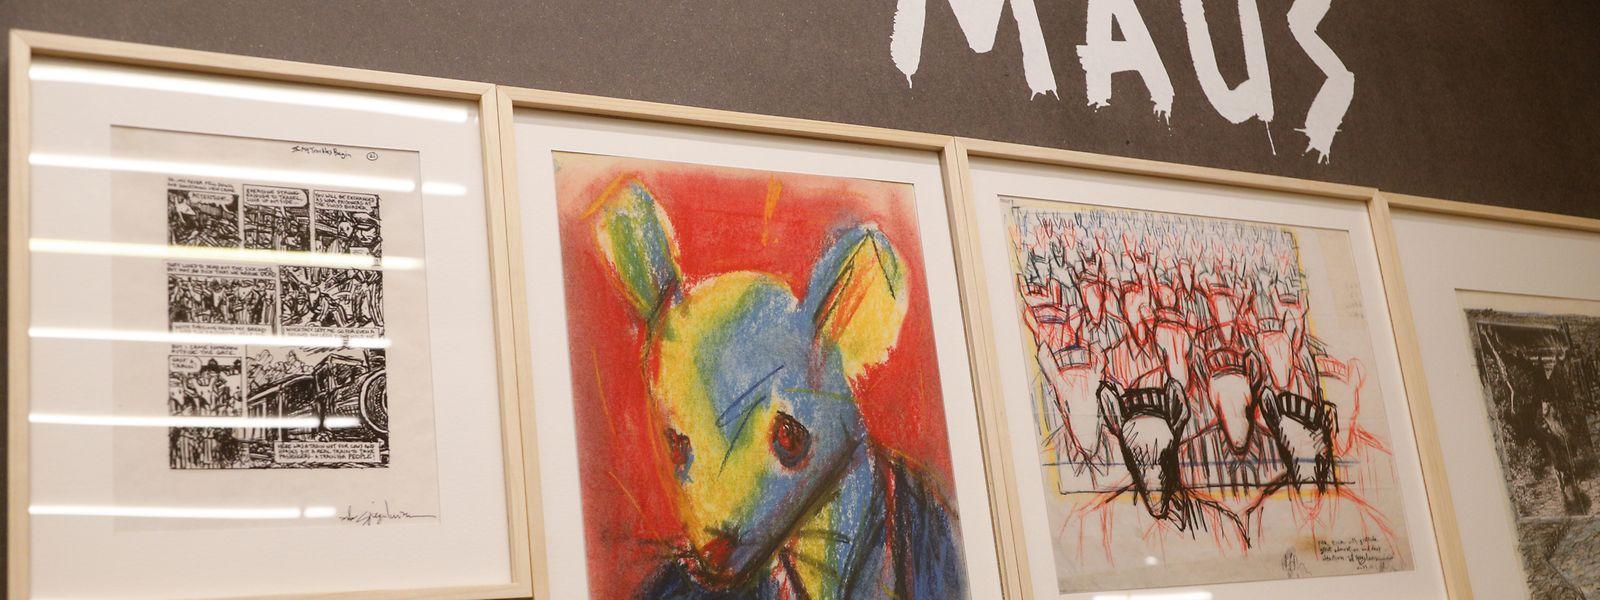 Art Spiegelman, Künstler der amerikanischen Untergrundbewegung, thematisiert als Erster in der grafischen Literatur die Shoah.